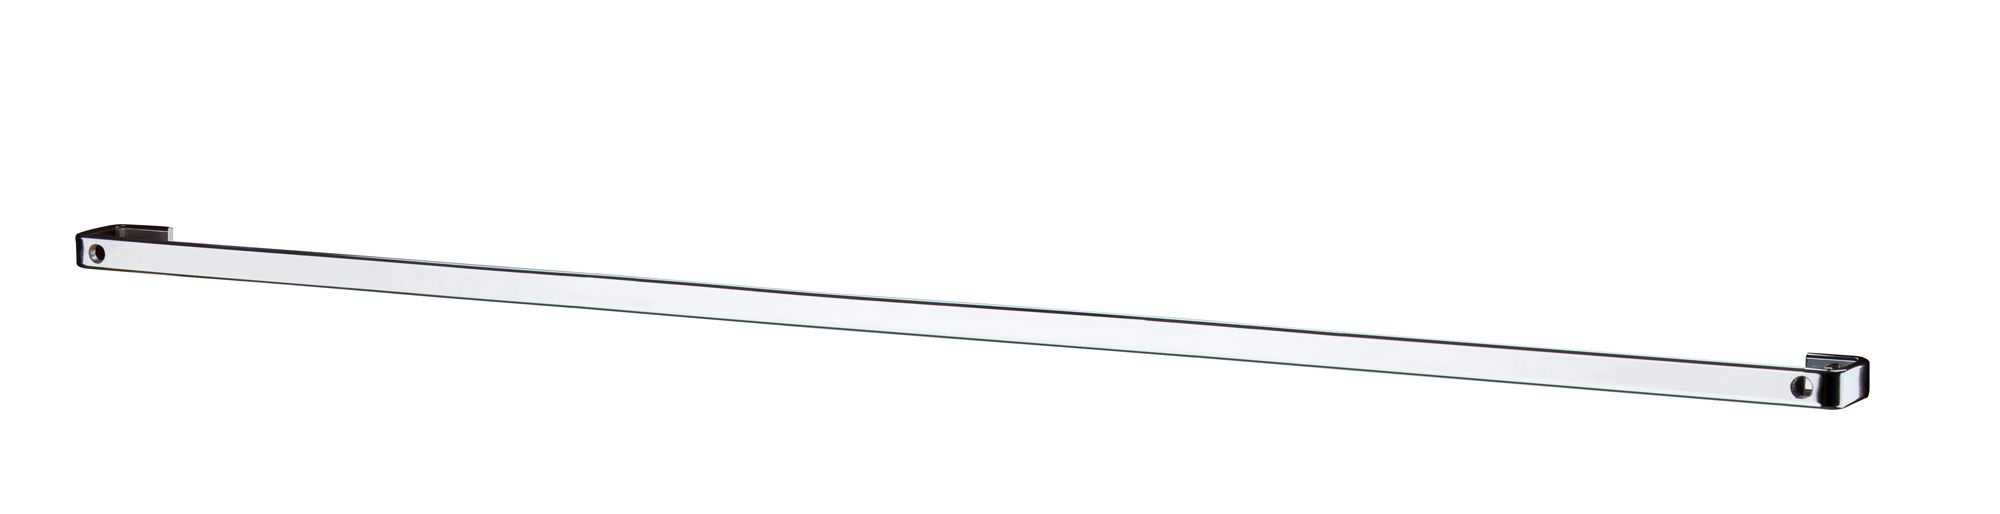 Barra de Piatina 60cm com 6 ganchos